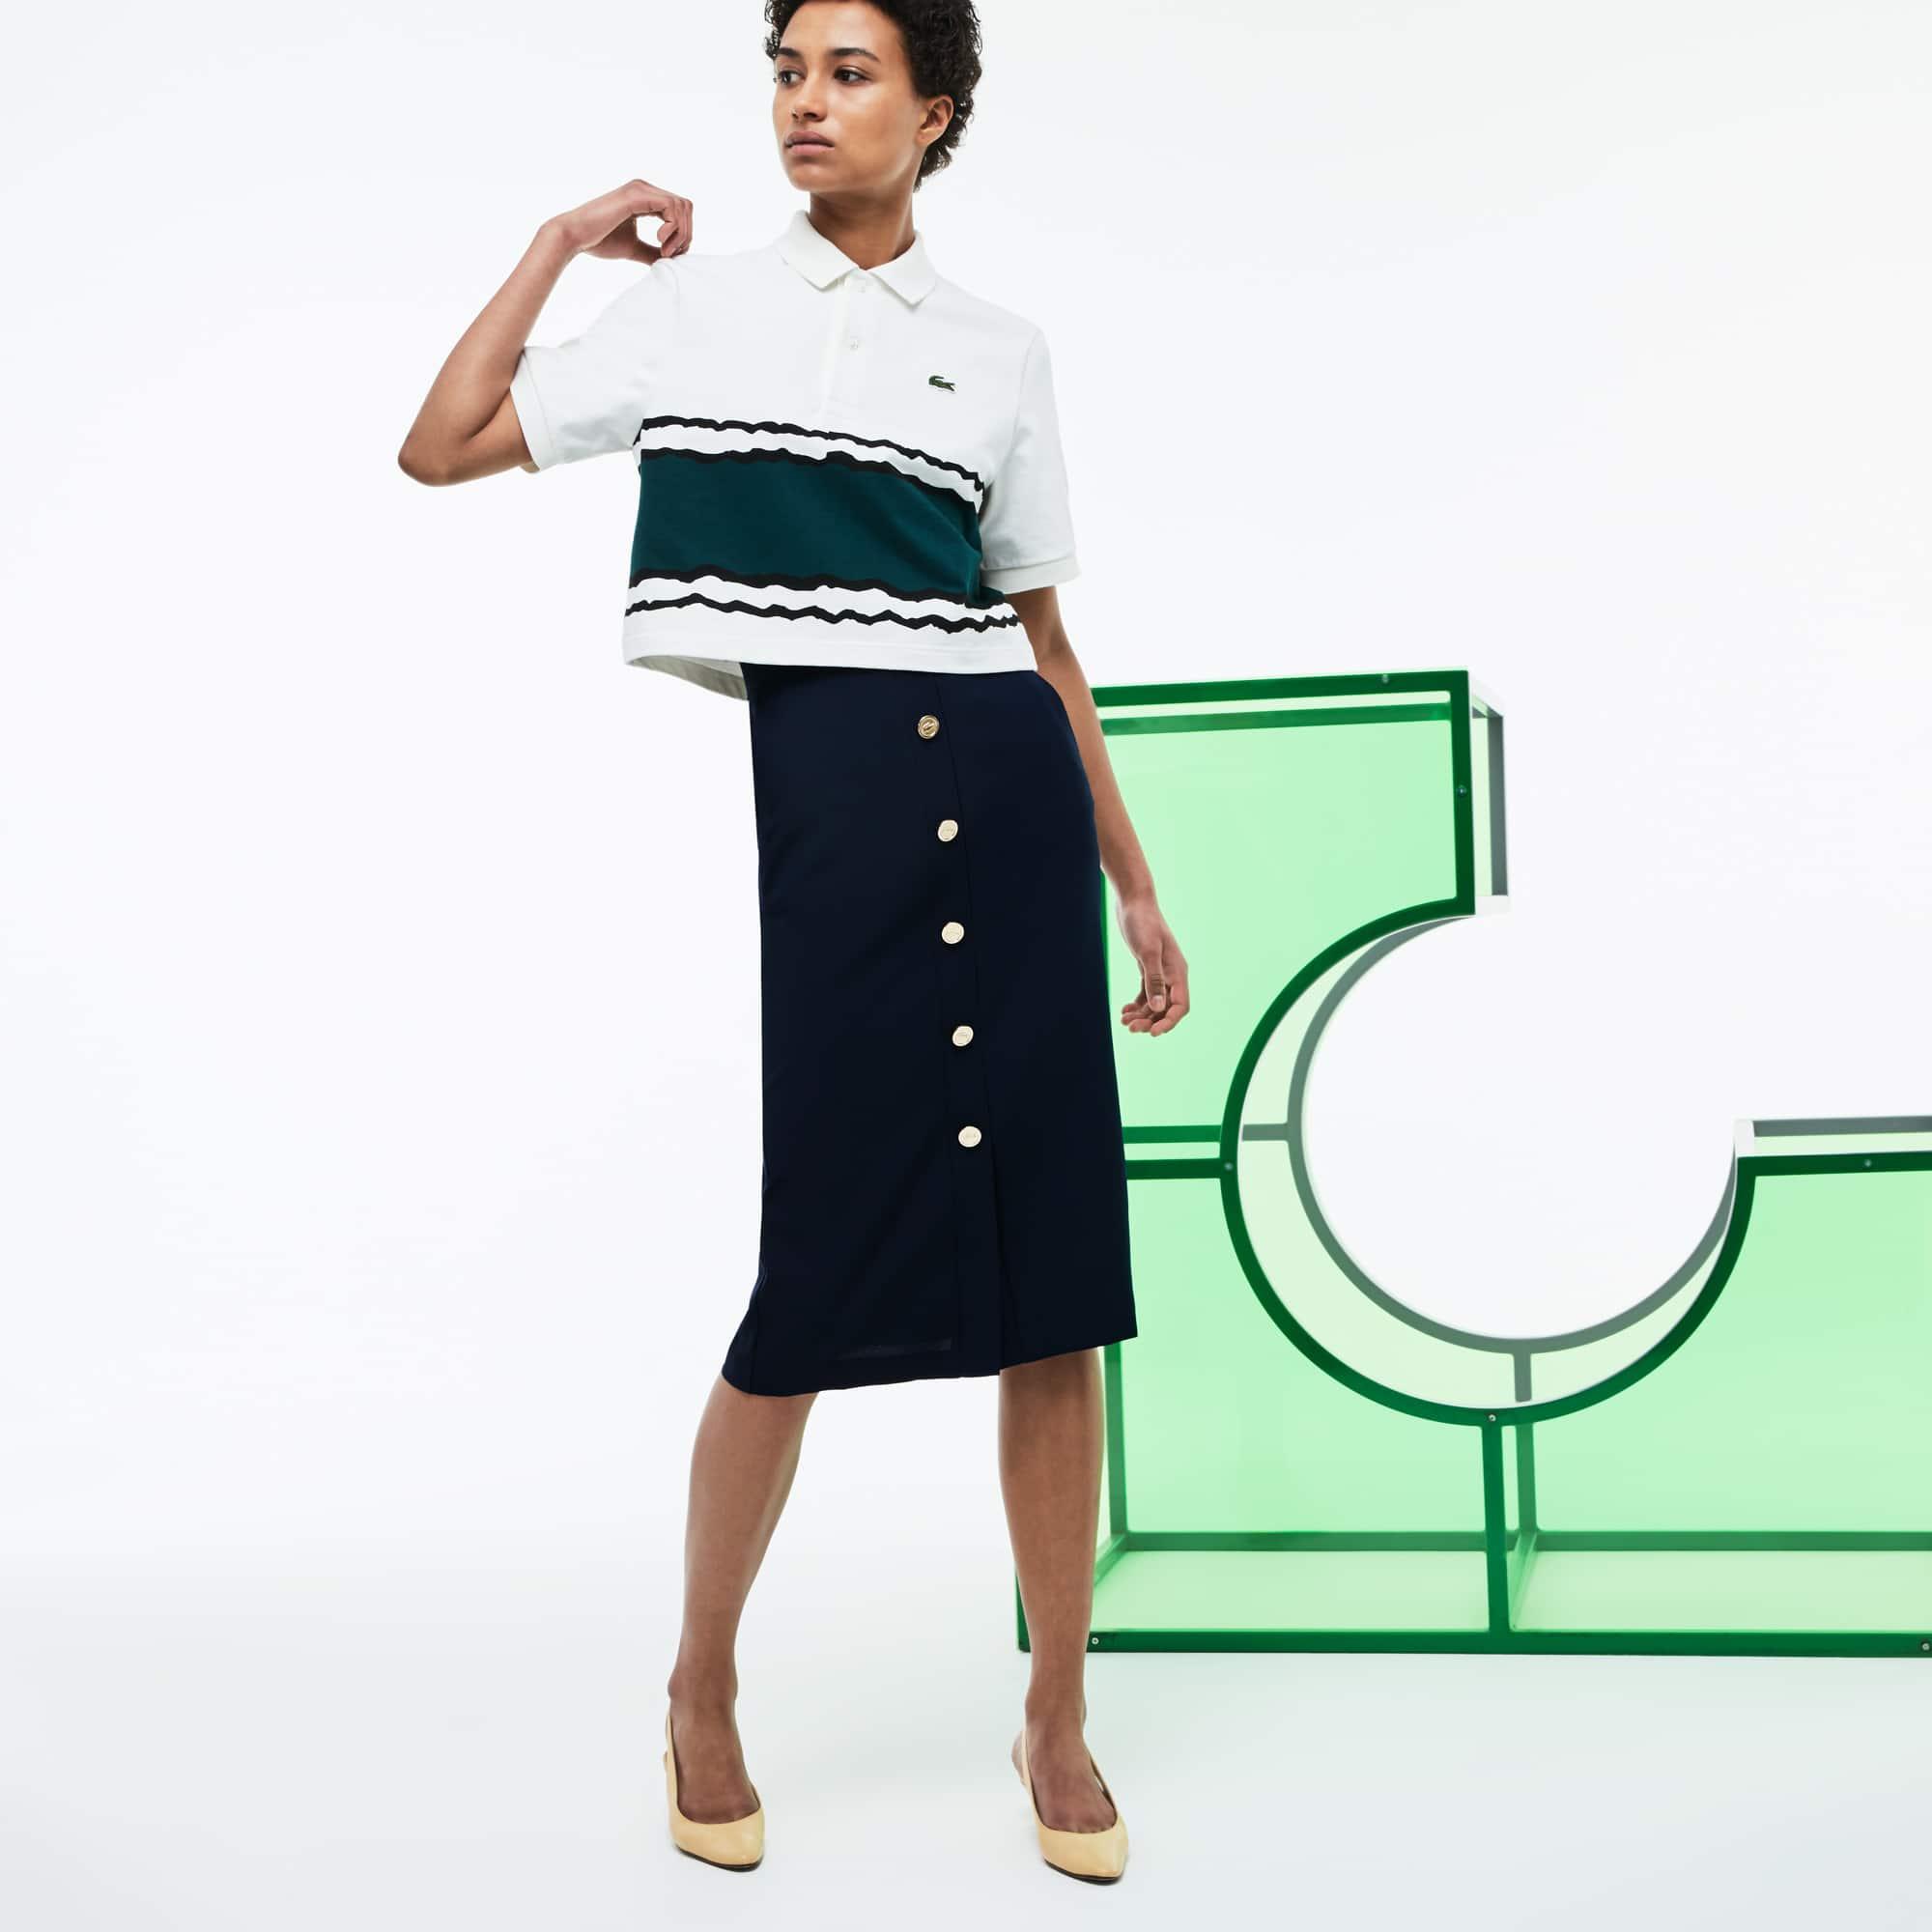 Damen High-Waist Rock mit Knöpfen aus der Fashion Show Kollektion